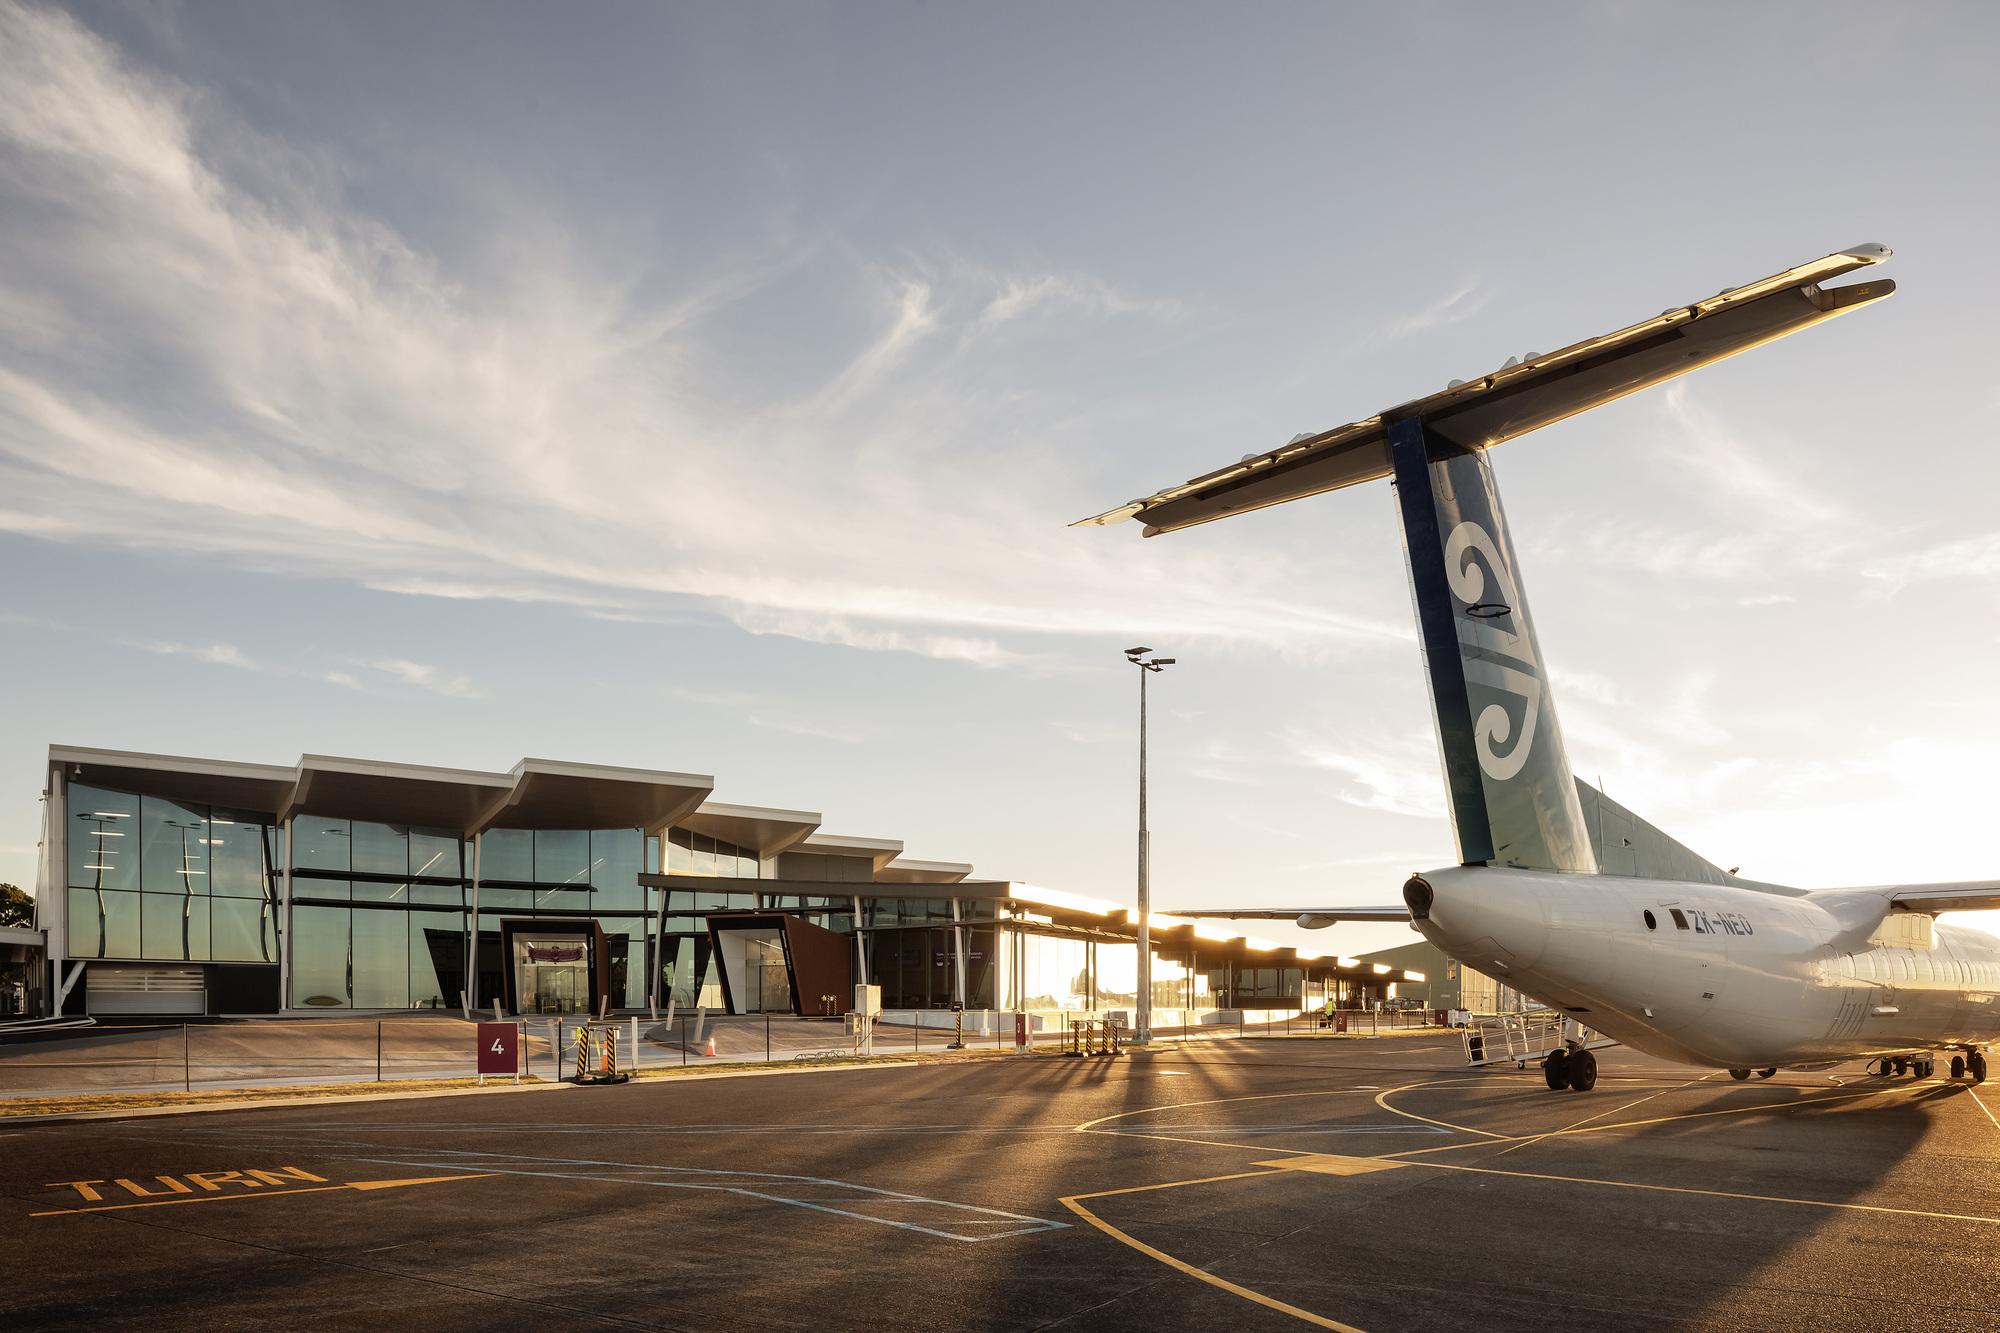 Νέα Ζηλανδία αεροδρόμιο